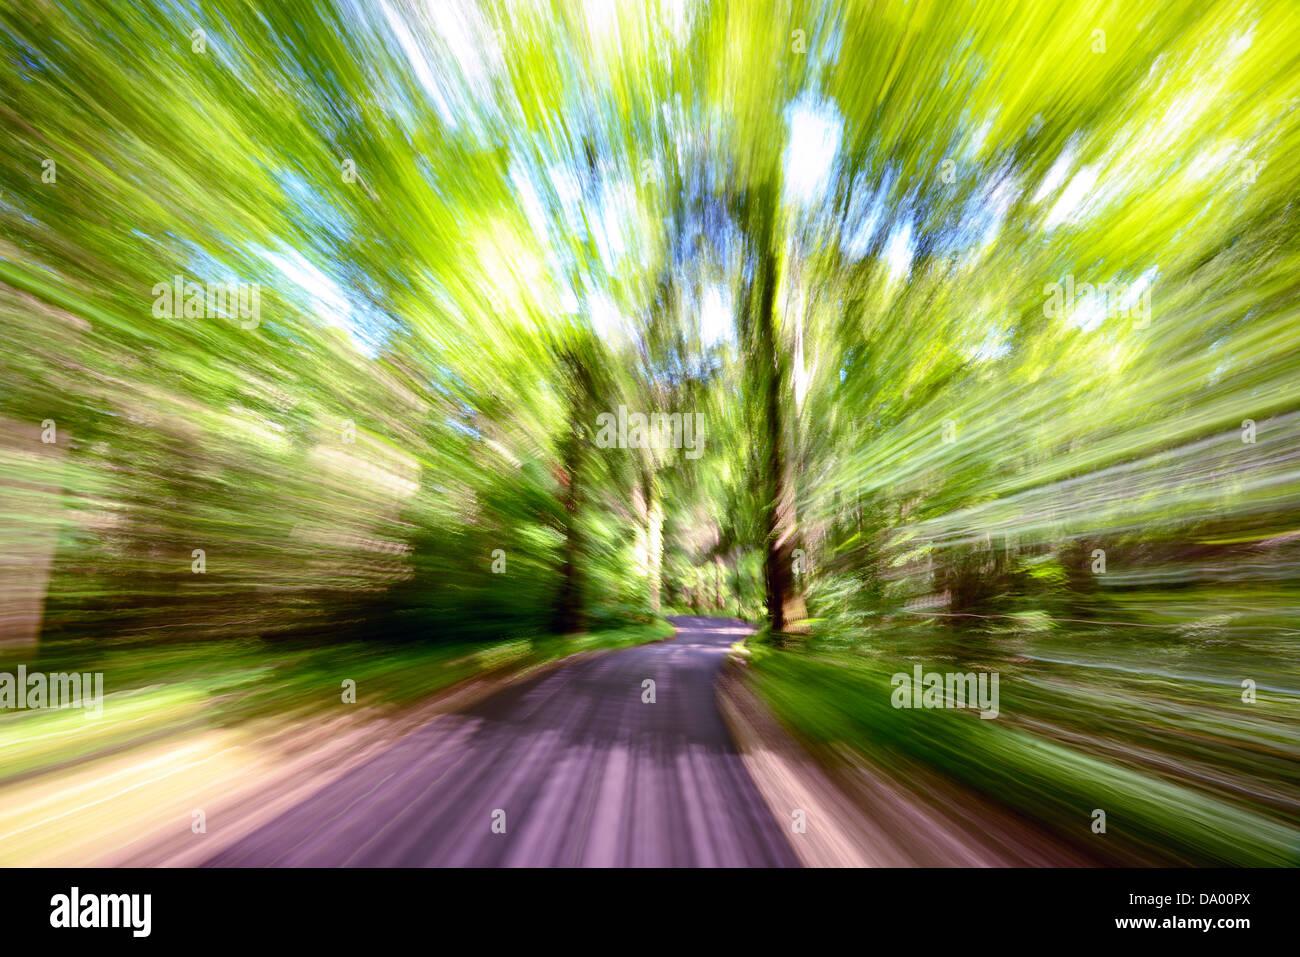 La sfocatura in movimento su una strada forestale Immagini Stock